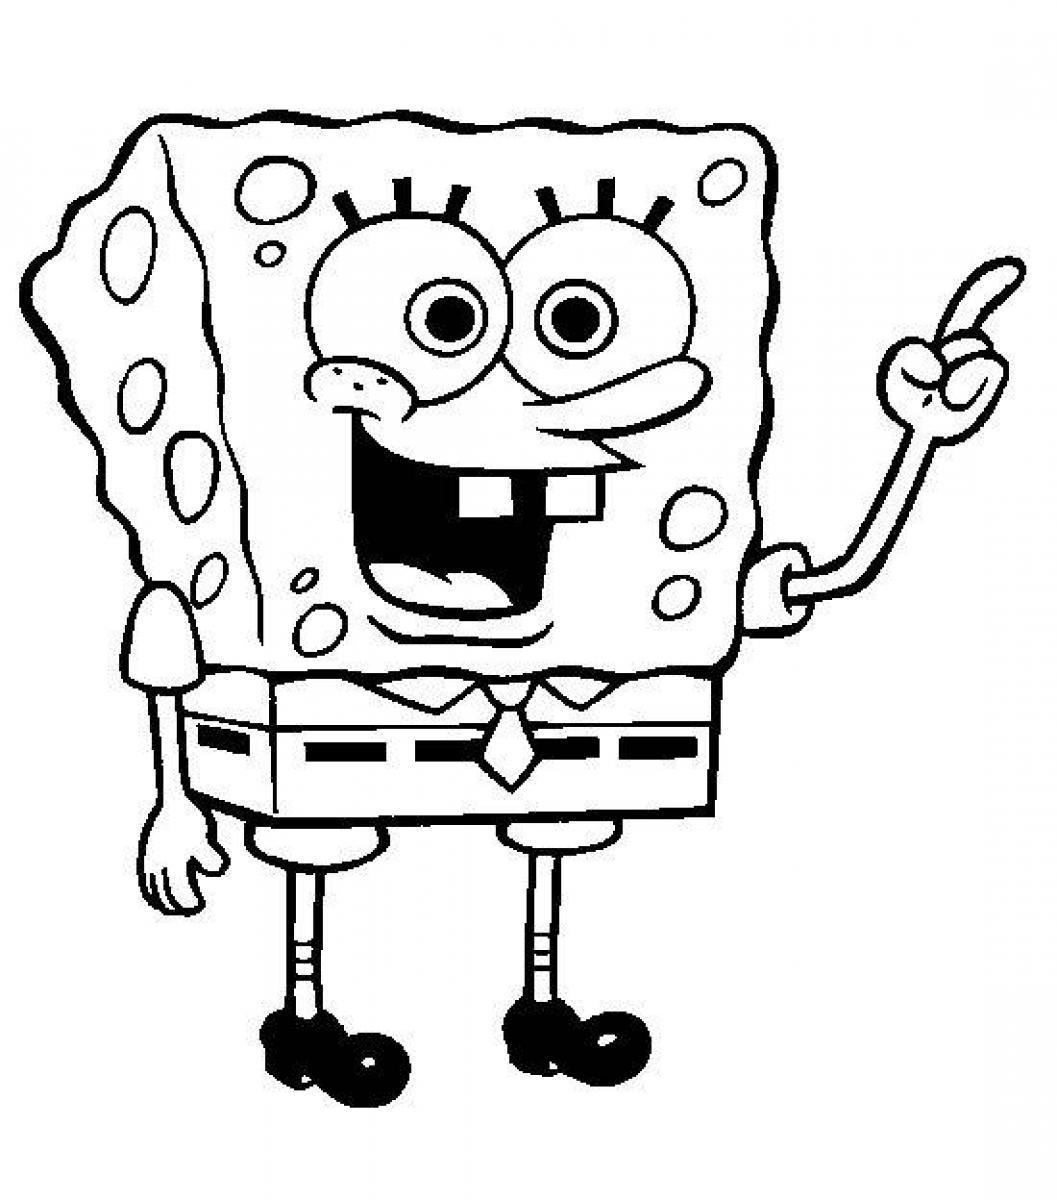 1057x1200 Better Sponge Bob Square Pants Coloring Pages Spongebob